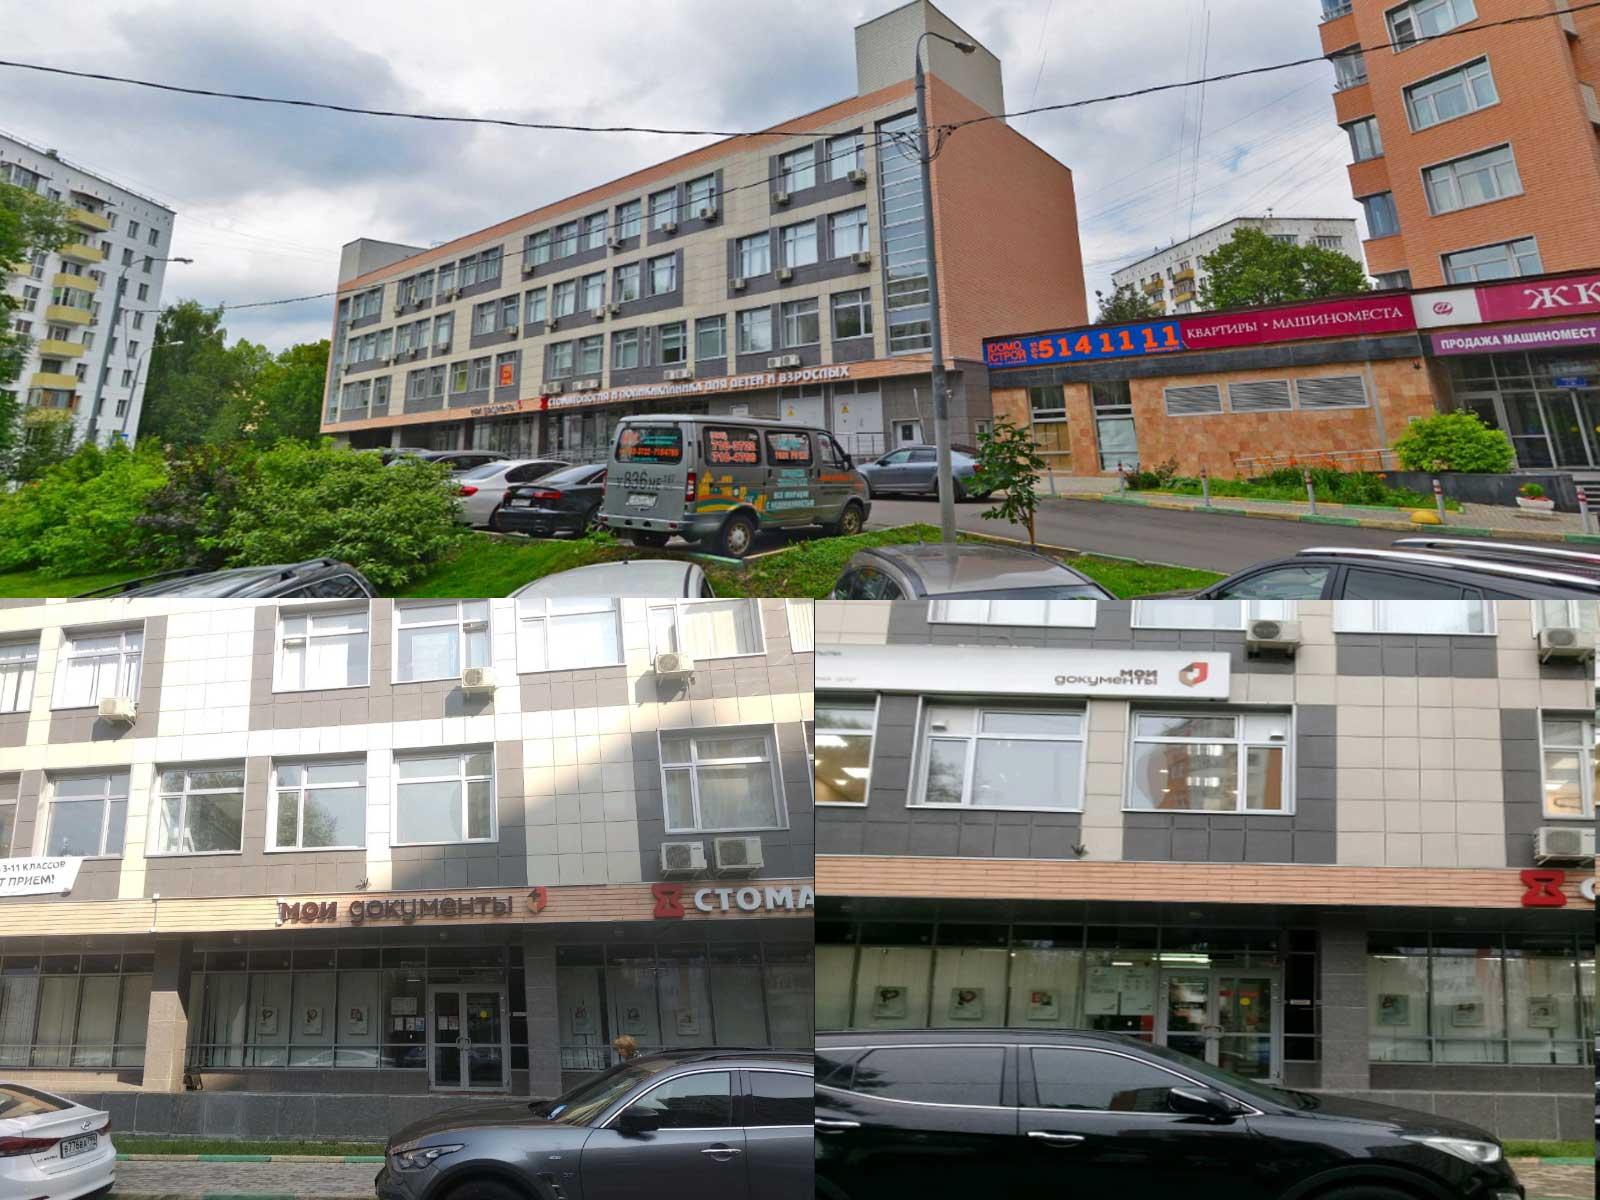 Отдел УФМС по району Черемушки, Новочерёмушкинская ул., 55, корп. 2, Москва